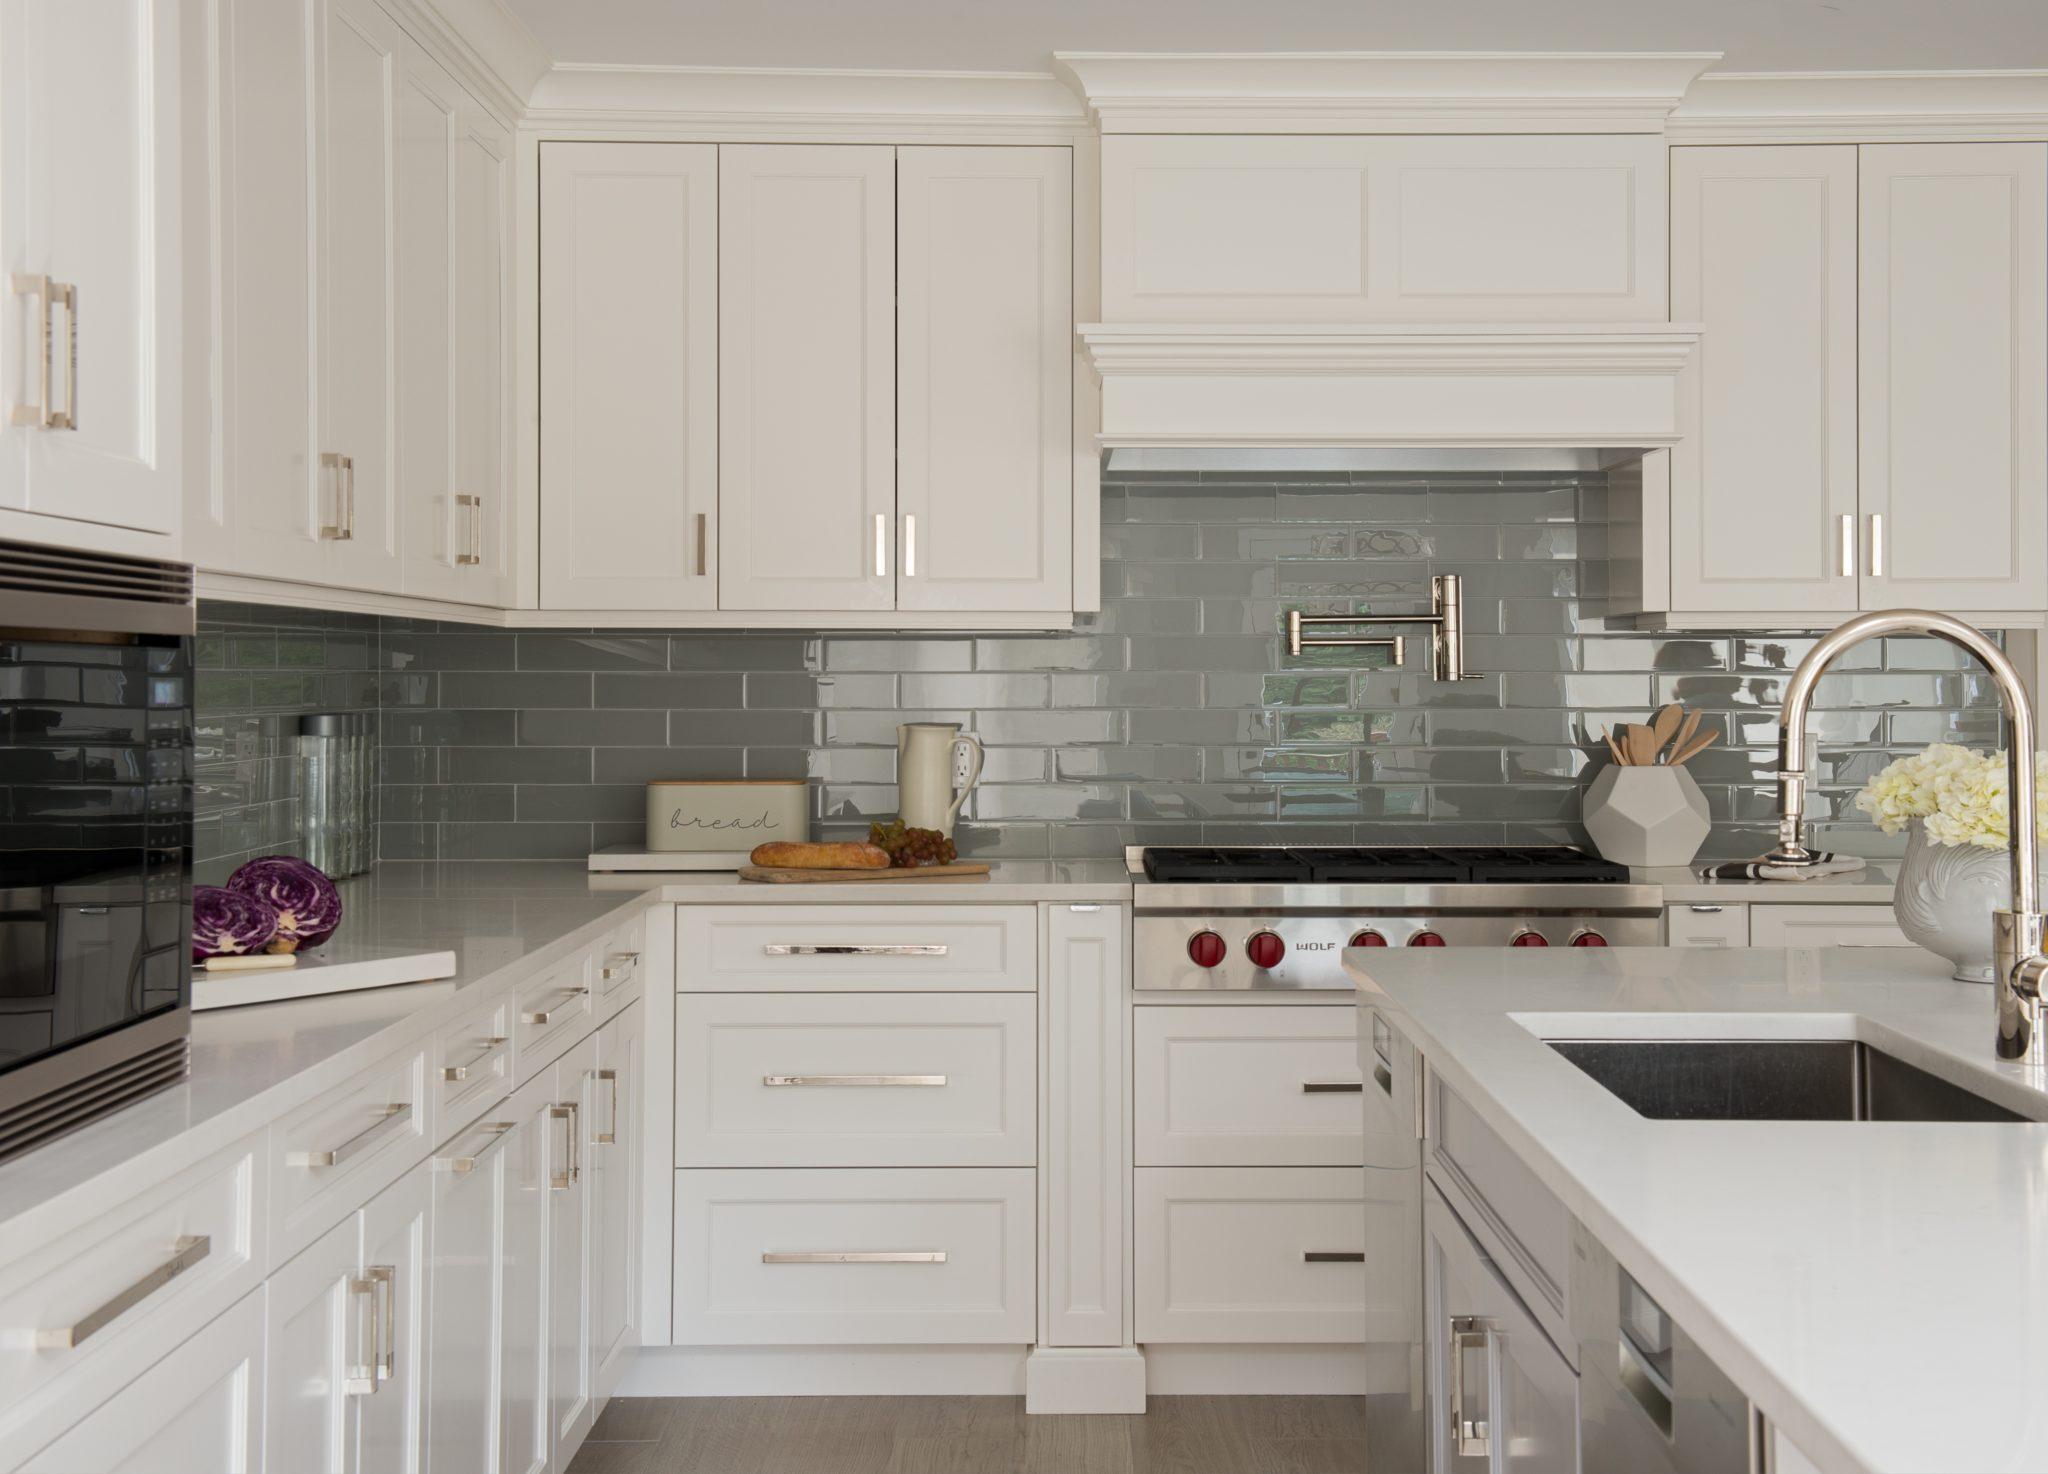 Kitchen Renovation by Jill Kalman Interiors